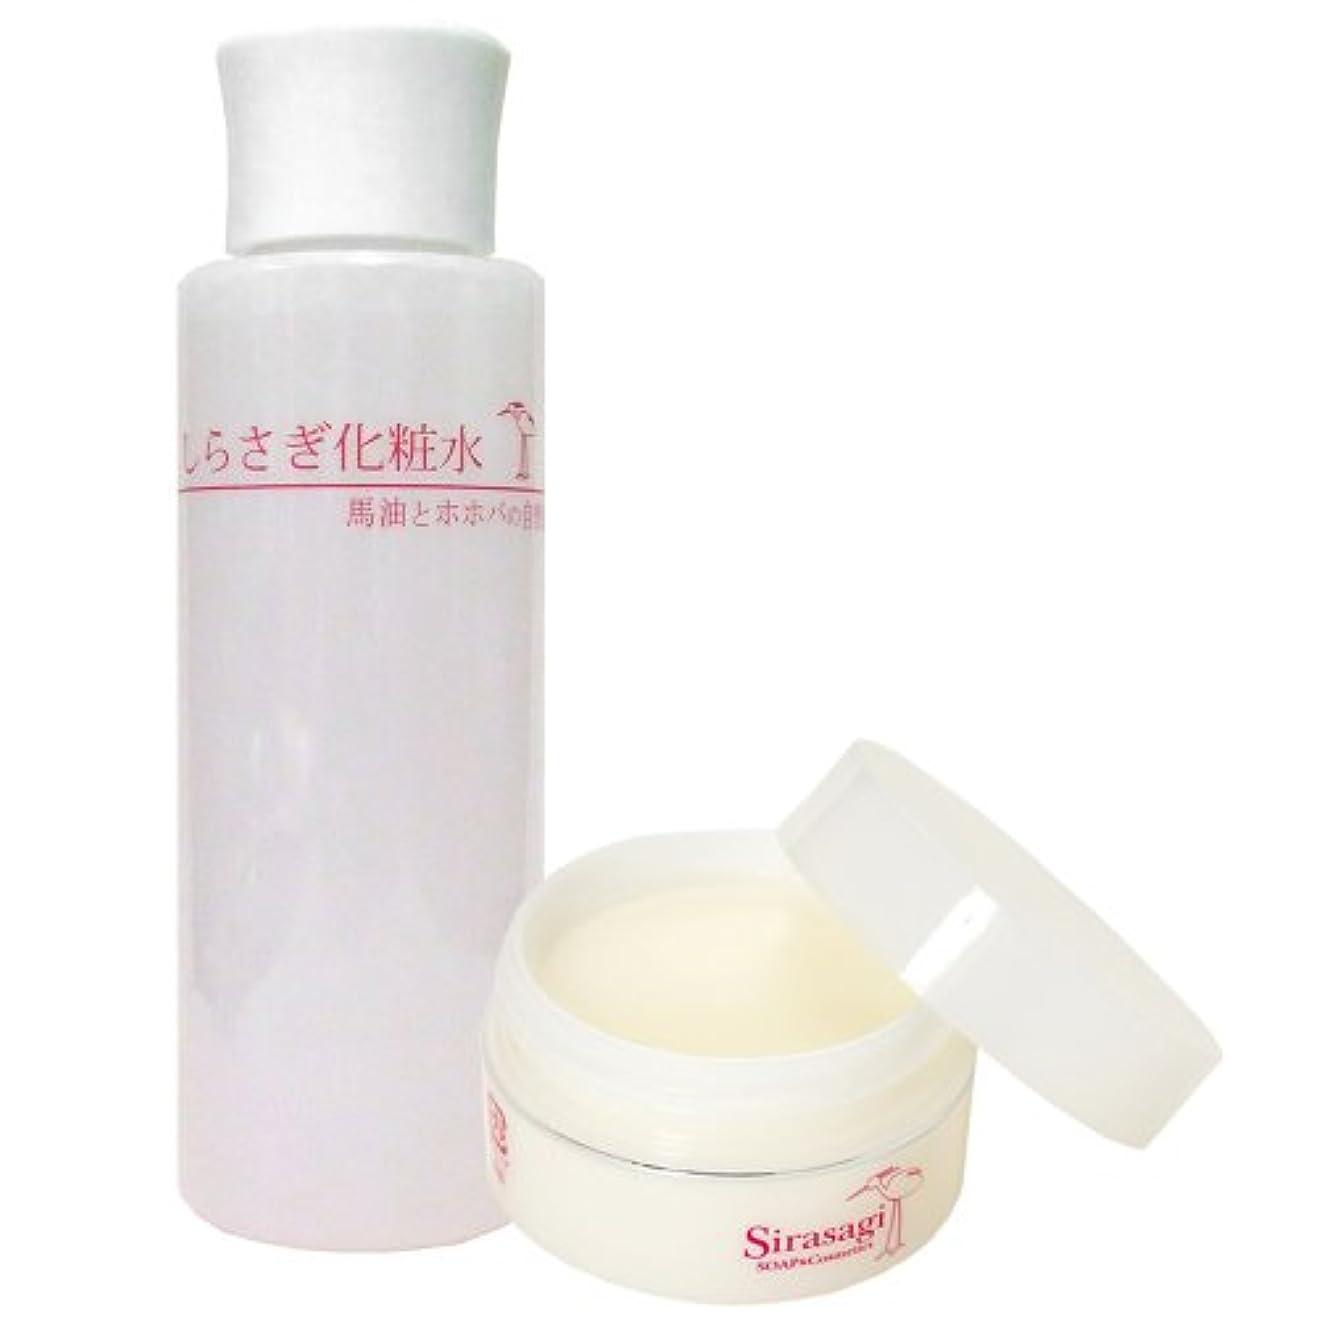 デッドロック気難しい直径しらさぎクリーム(ラベンダーとローズウッドの香り)としらさぎ化粧水のセット